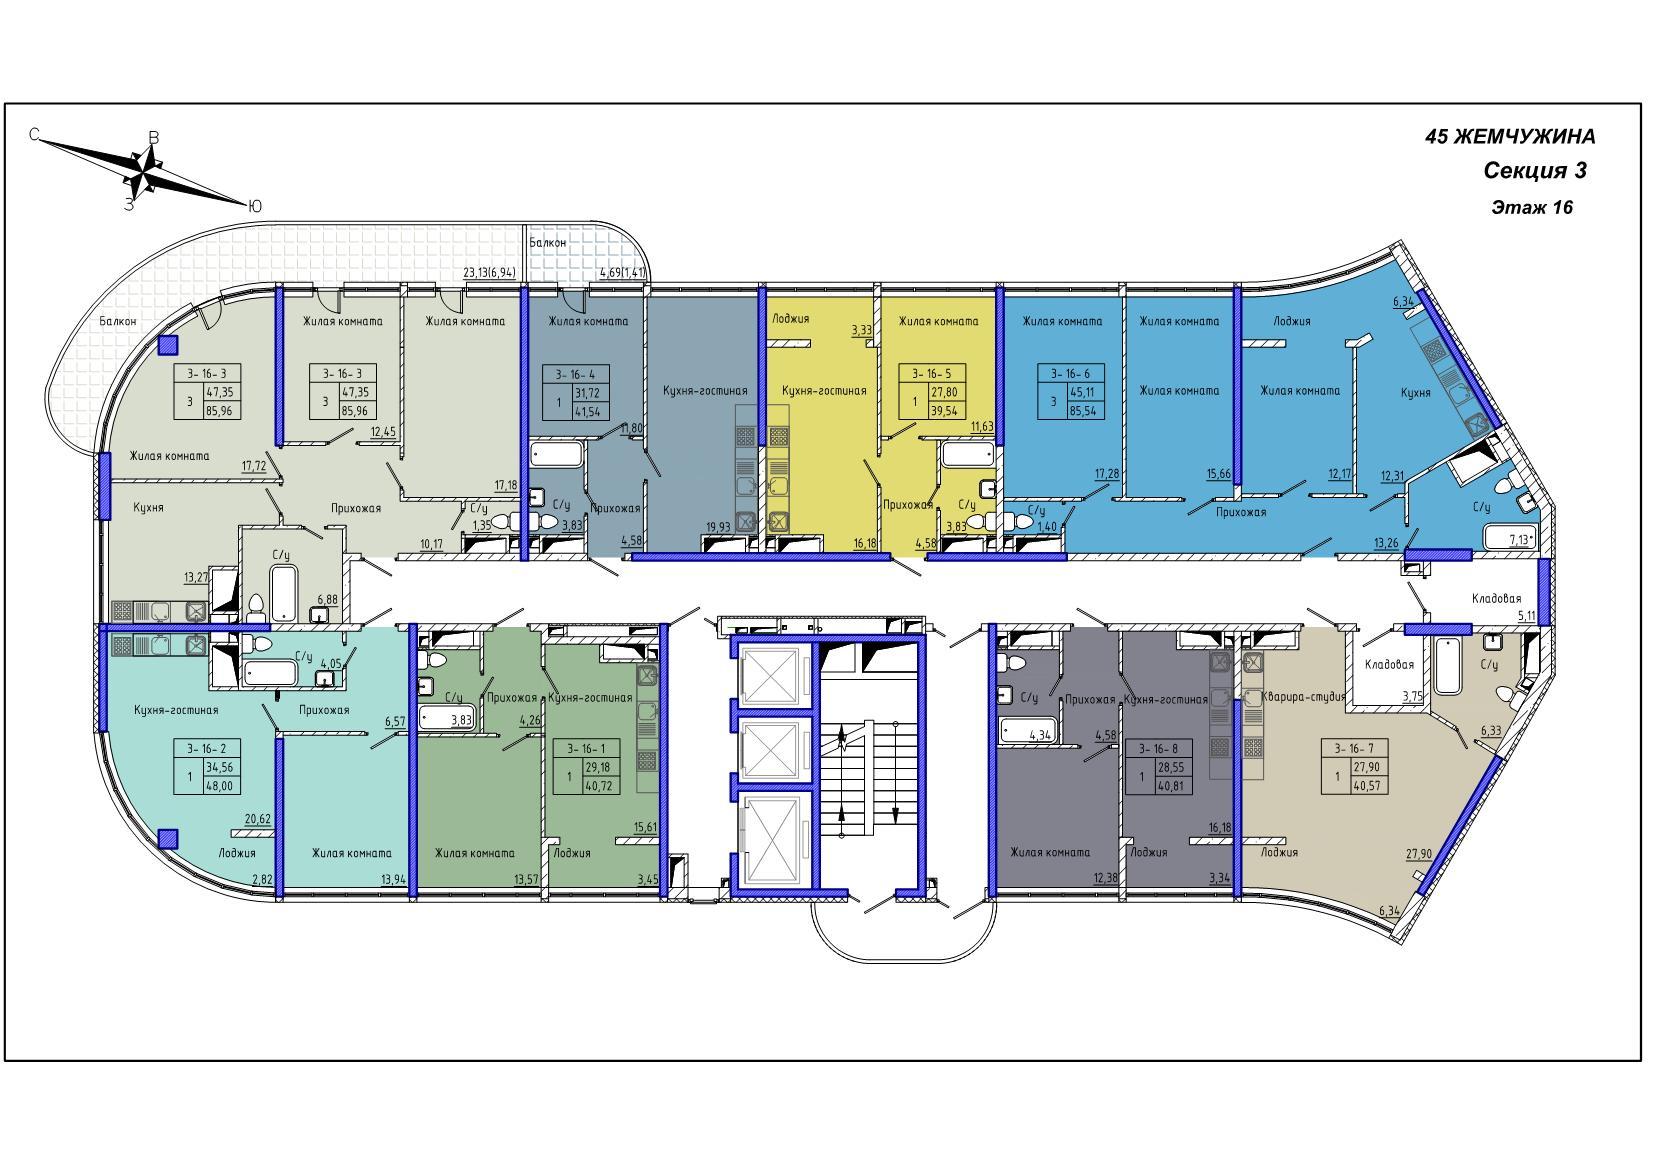 45 Жемчужина / Секция 3 / План 16-го этажа